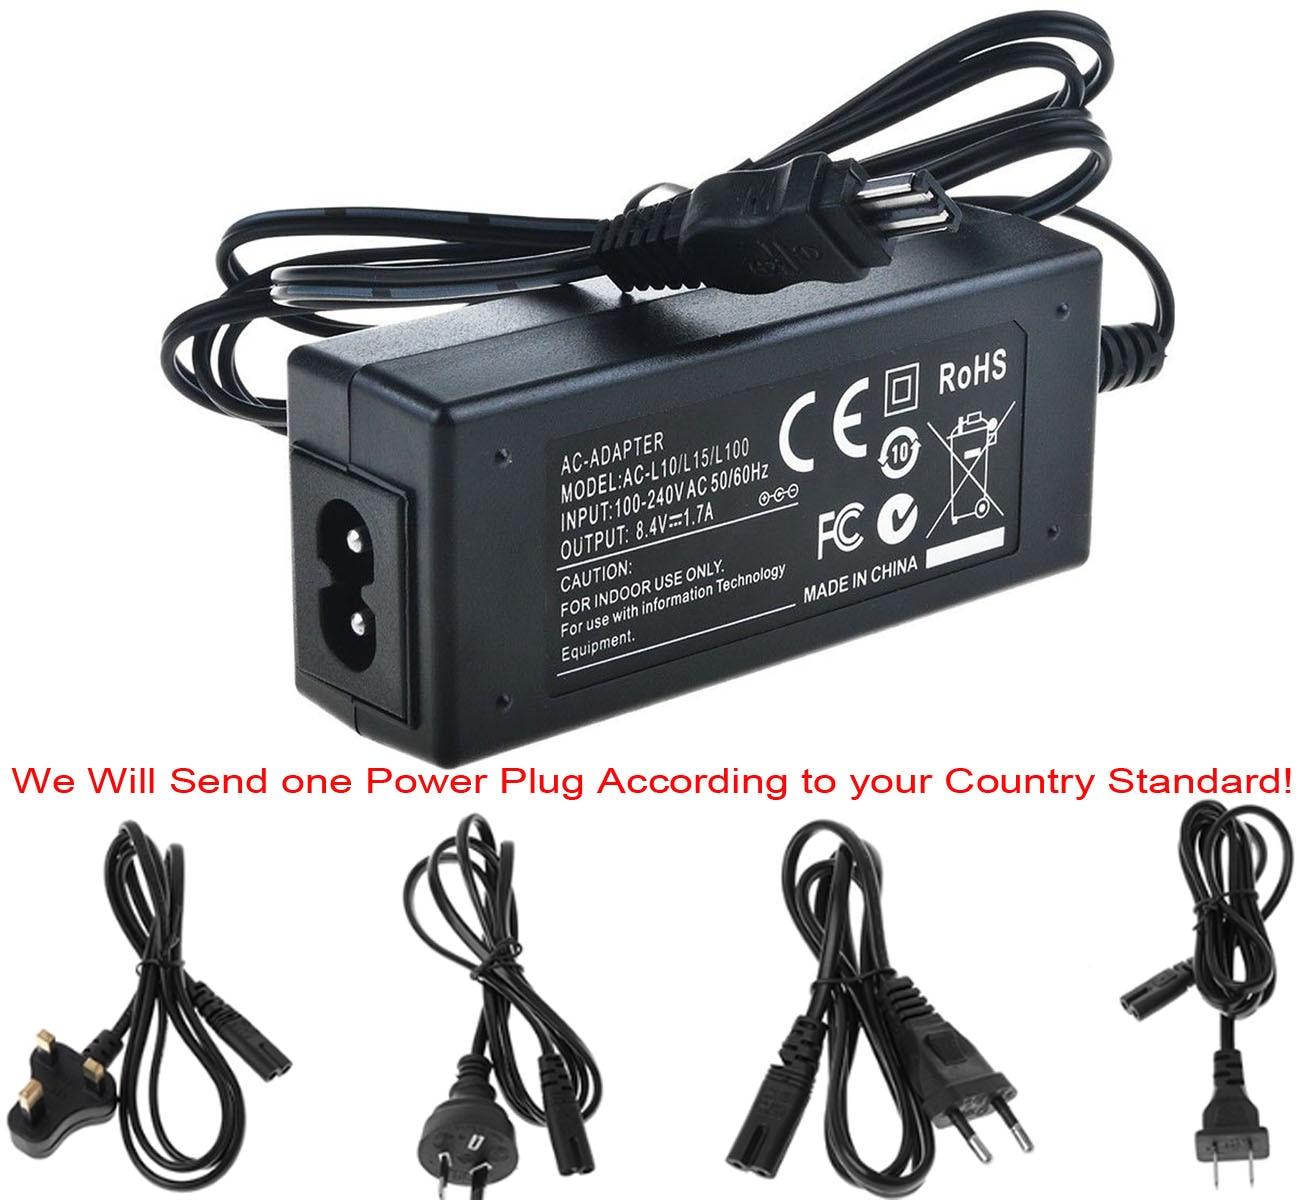 DCR-TRV25E DCR-TRV27E MiniDV Handycam Camcorder DCR-TRV24E USB Power Adapter Charger for Sony DCR-TRV20E DCR-TRV22E